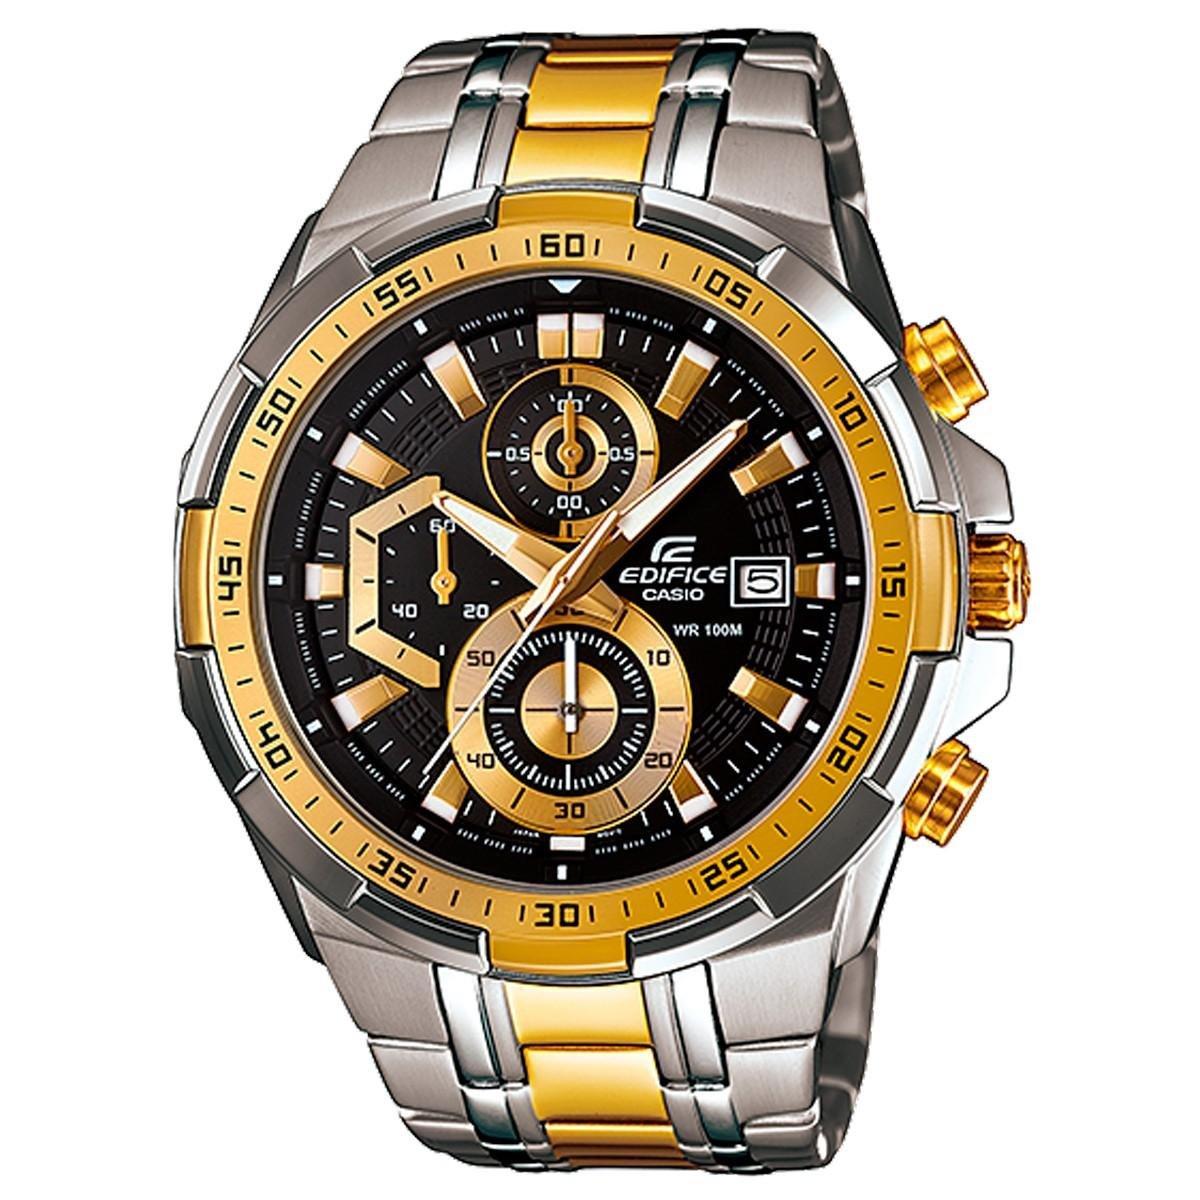 2d96e4821c3 Relógio Casio Edifice EFR-539ZSG-1AVUDF - Compre Agora